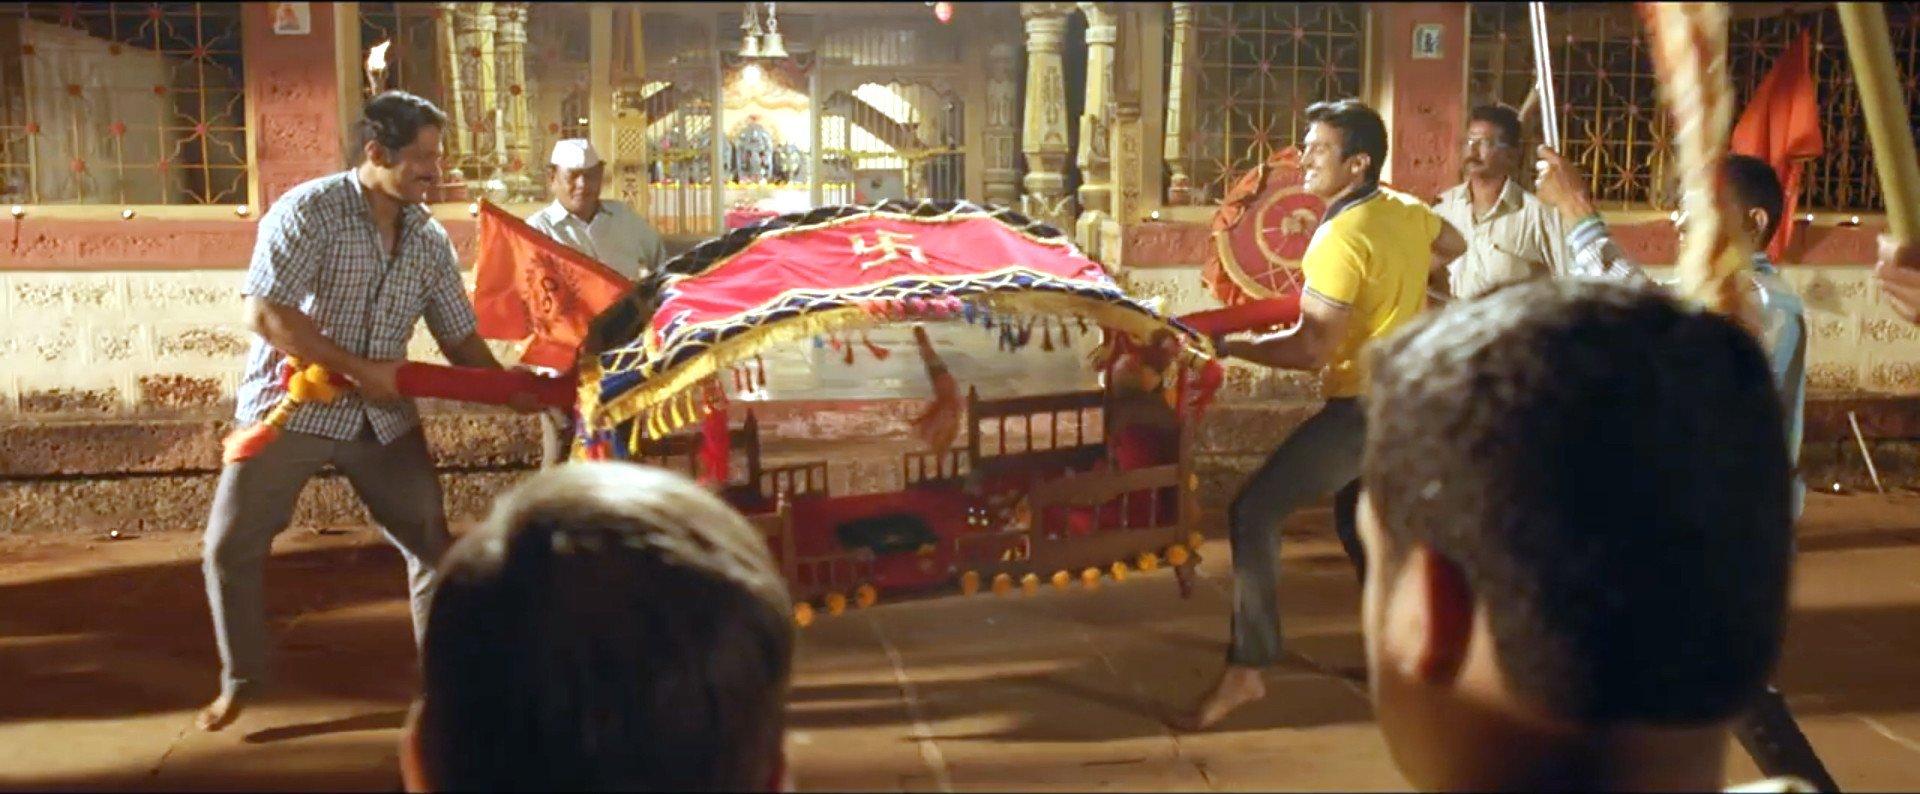 शिमग्याला सिनेमागृहांमध्ये नाचणार कोकणातील 'पालखी'!